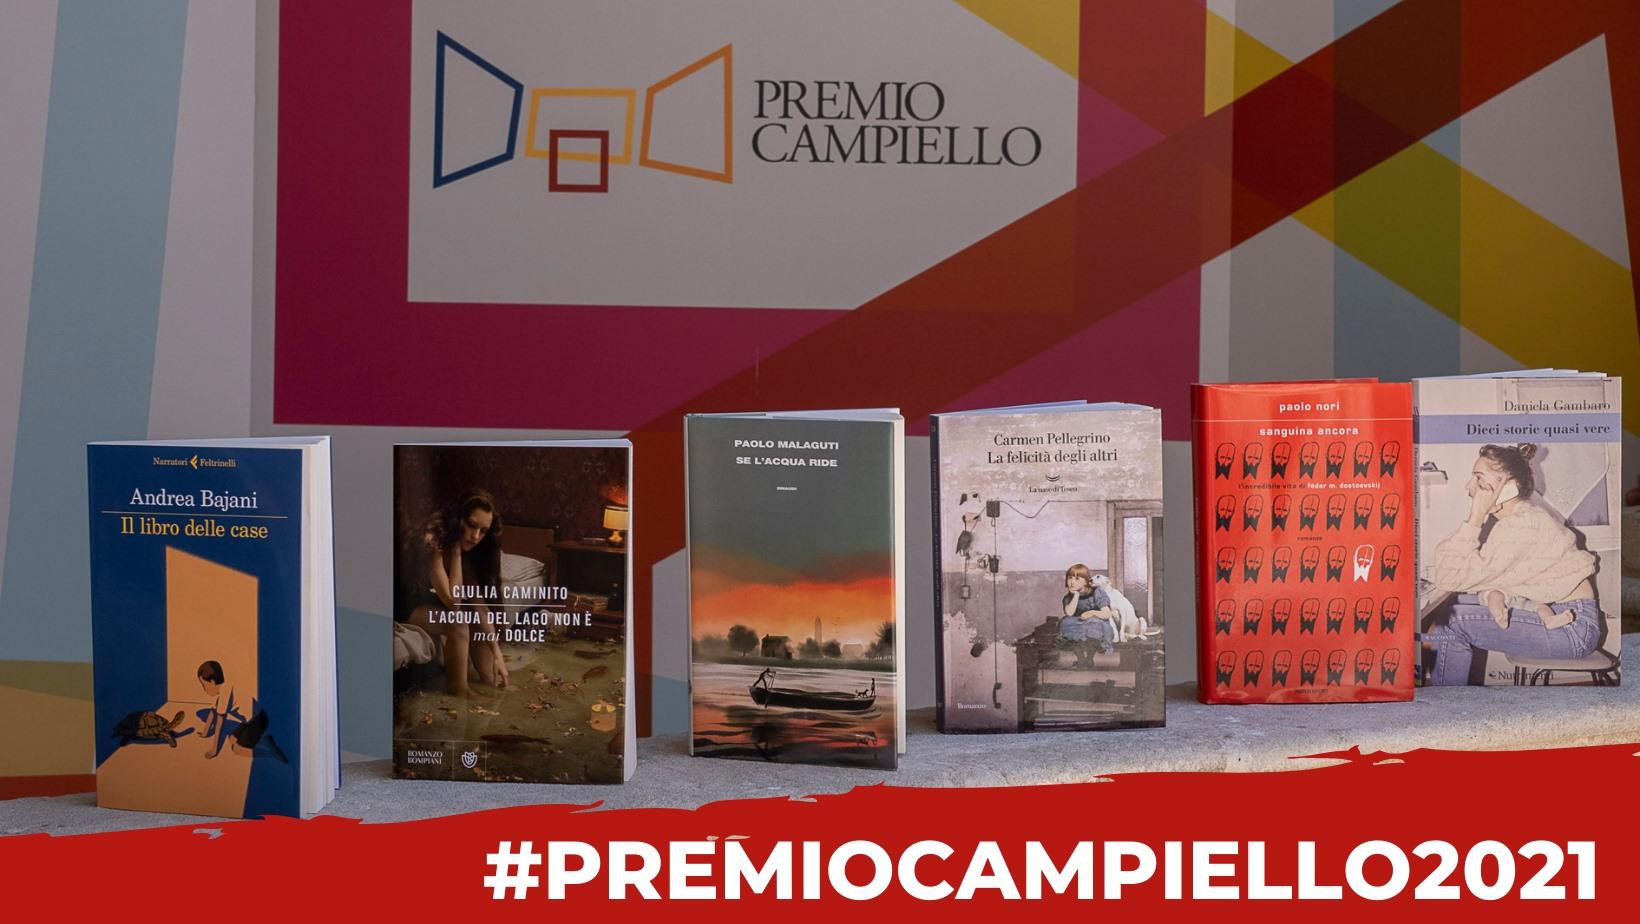 Premio Campiello 2021: annunciata la cinquina finalista